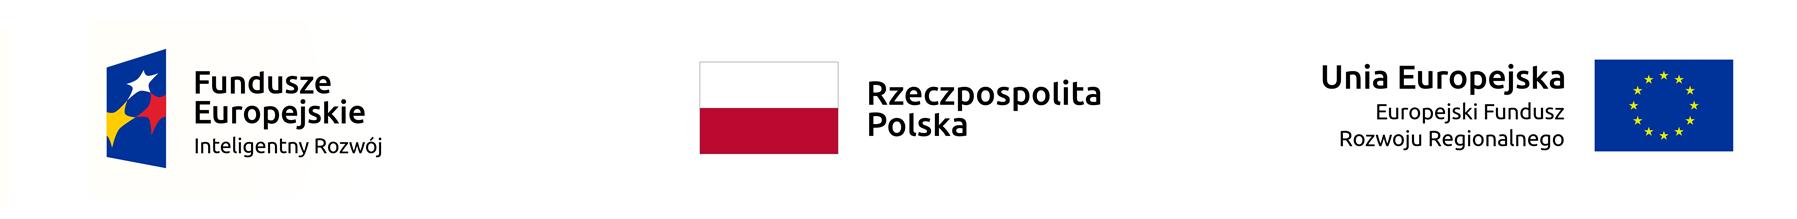 logotyp Fundusze Europejskie, Rzeczpospolita Polska, Unia Europejska